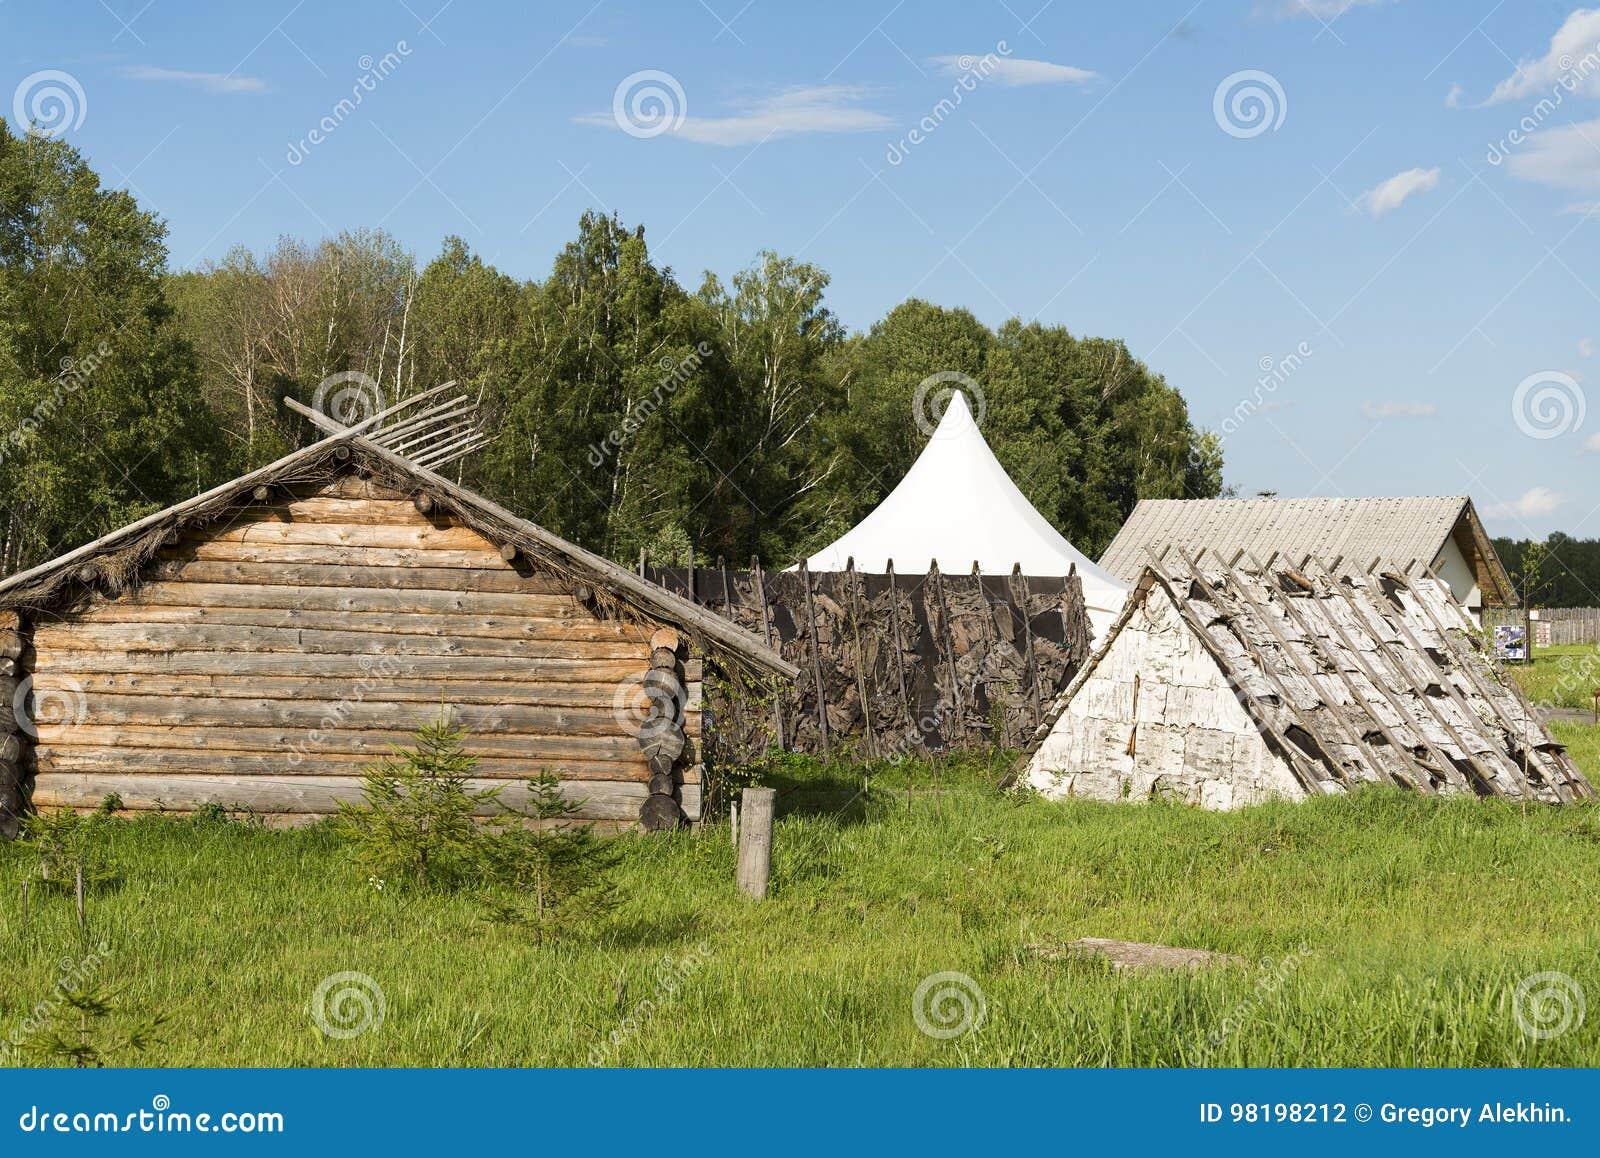 Altes Kleines Holzhaus Im Dorf Stockfoto Bild Von Tur